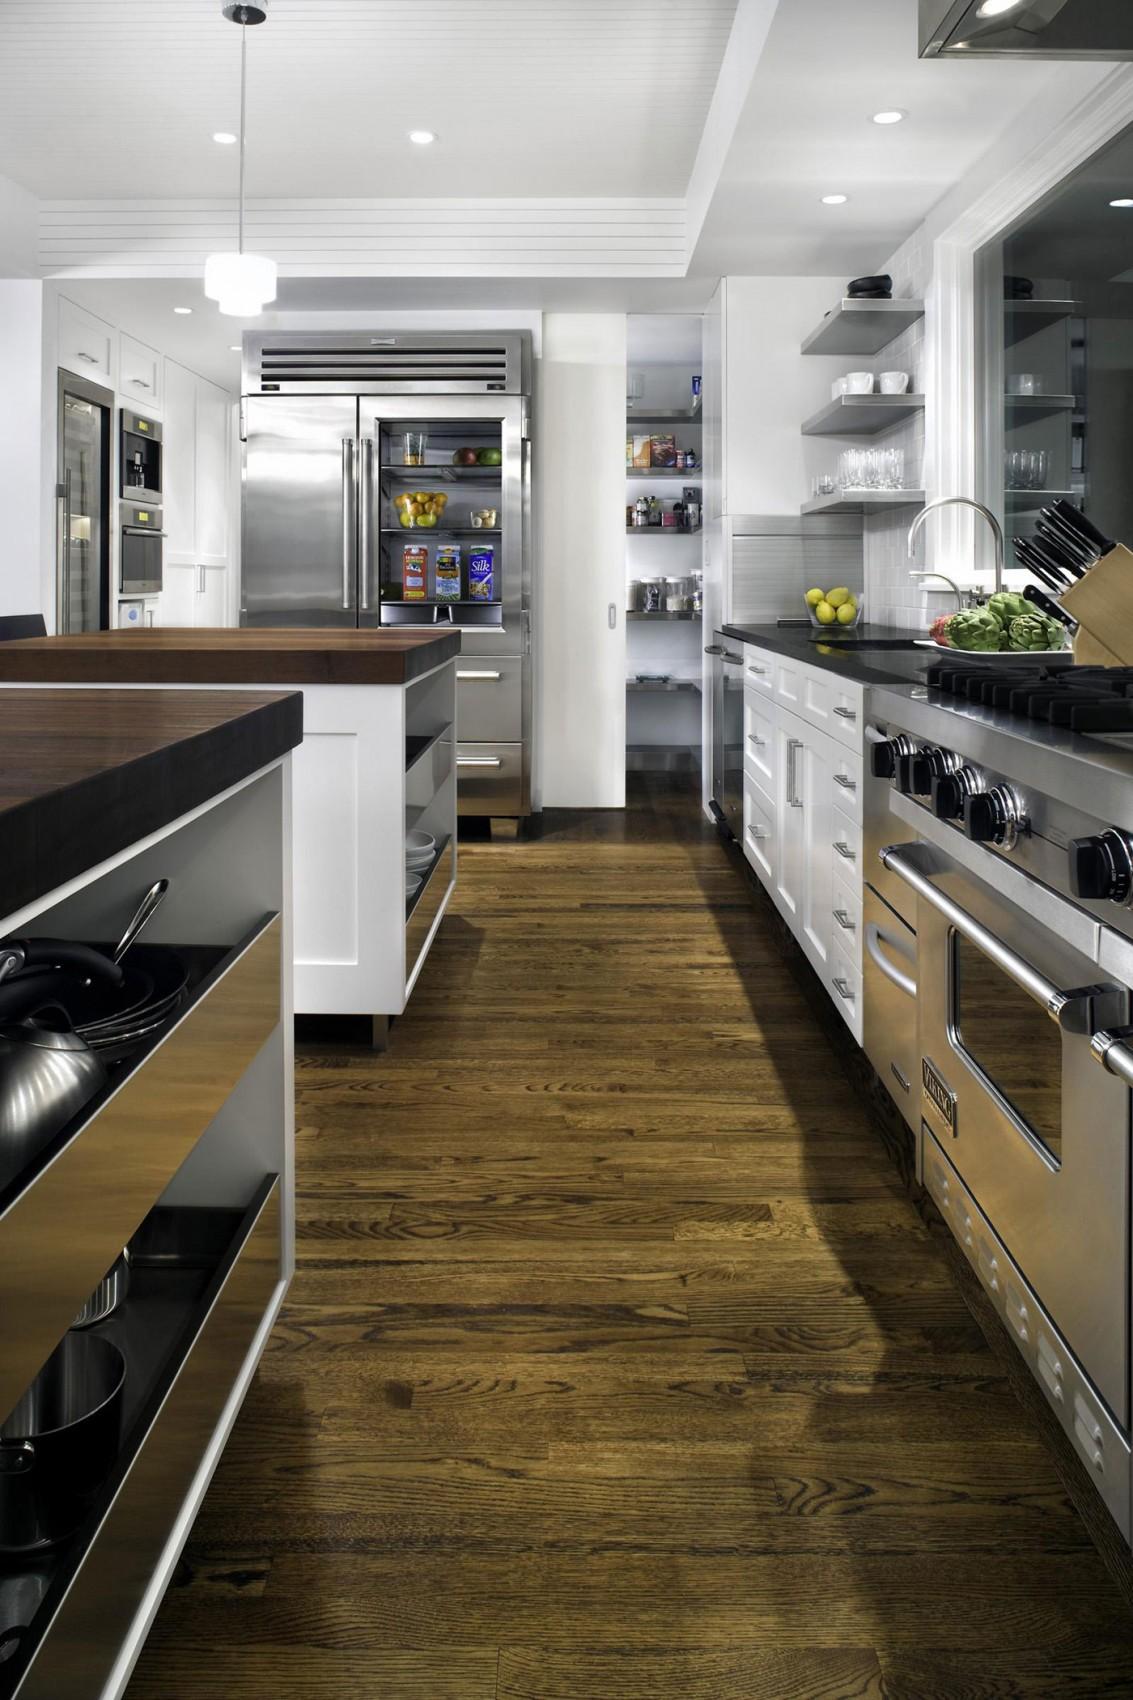 Роскошный интерьер кухни в загородном доме - Фото 43